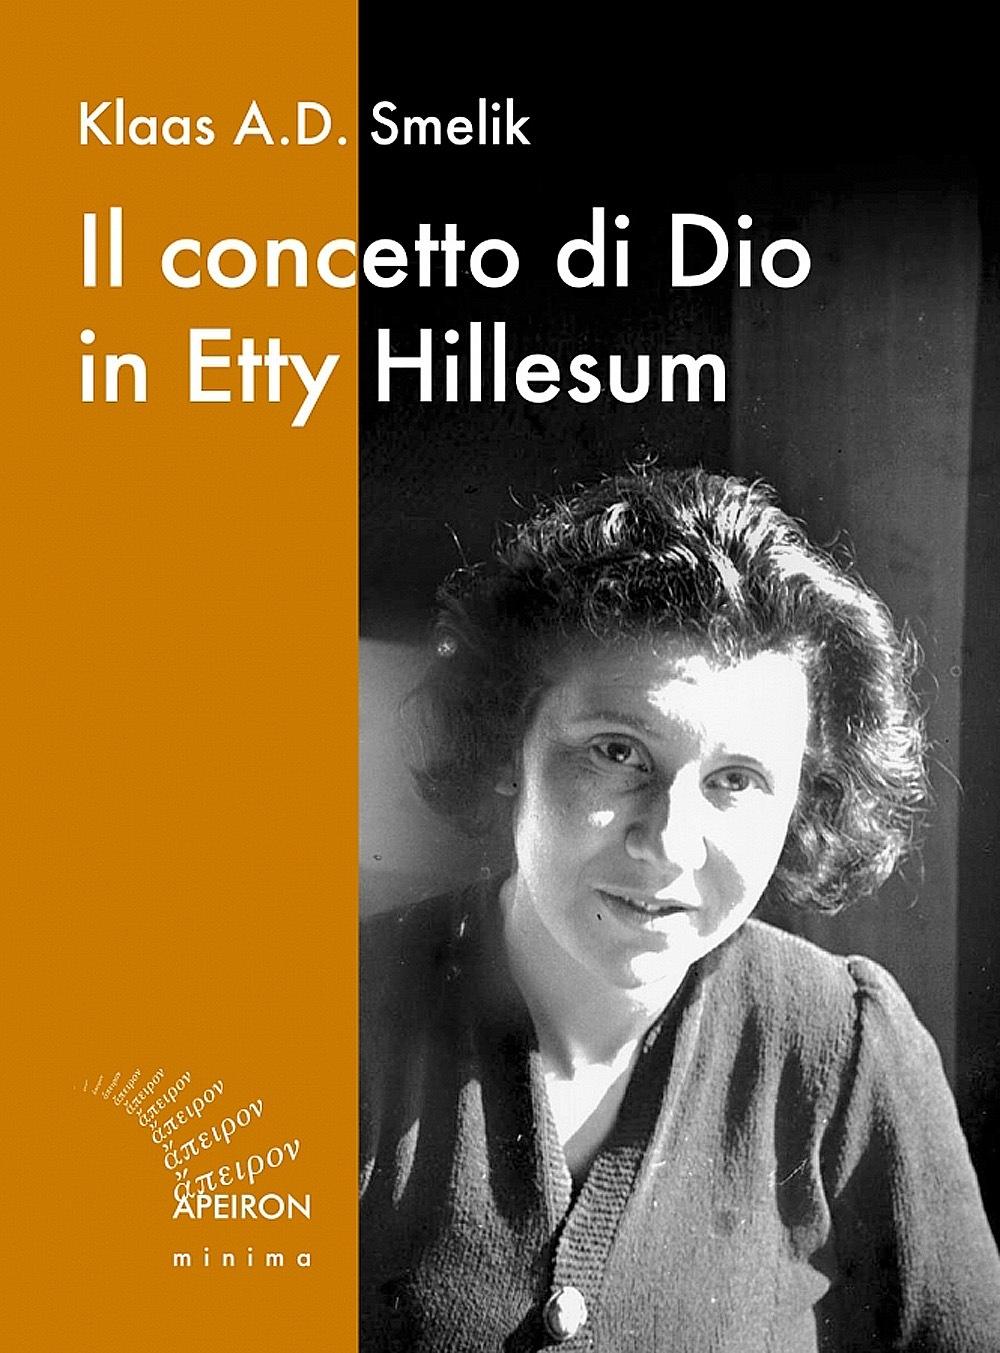 Il concetto di Dio in Etty Hillesum